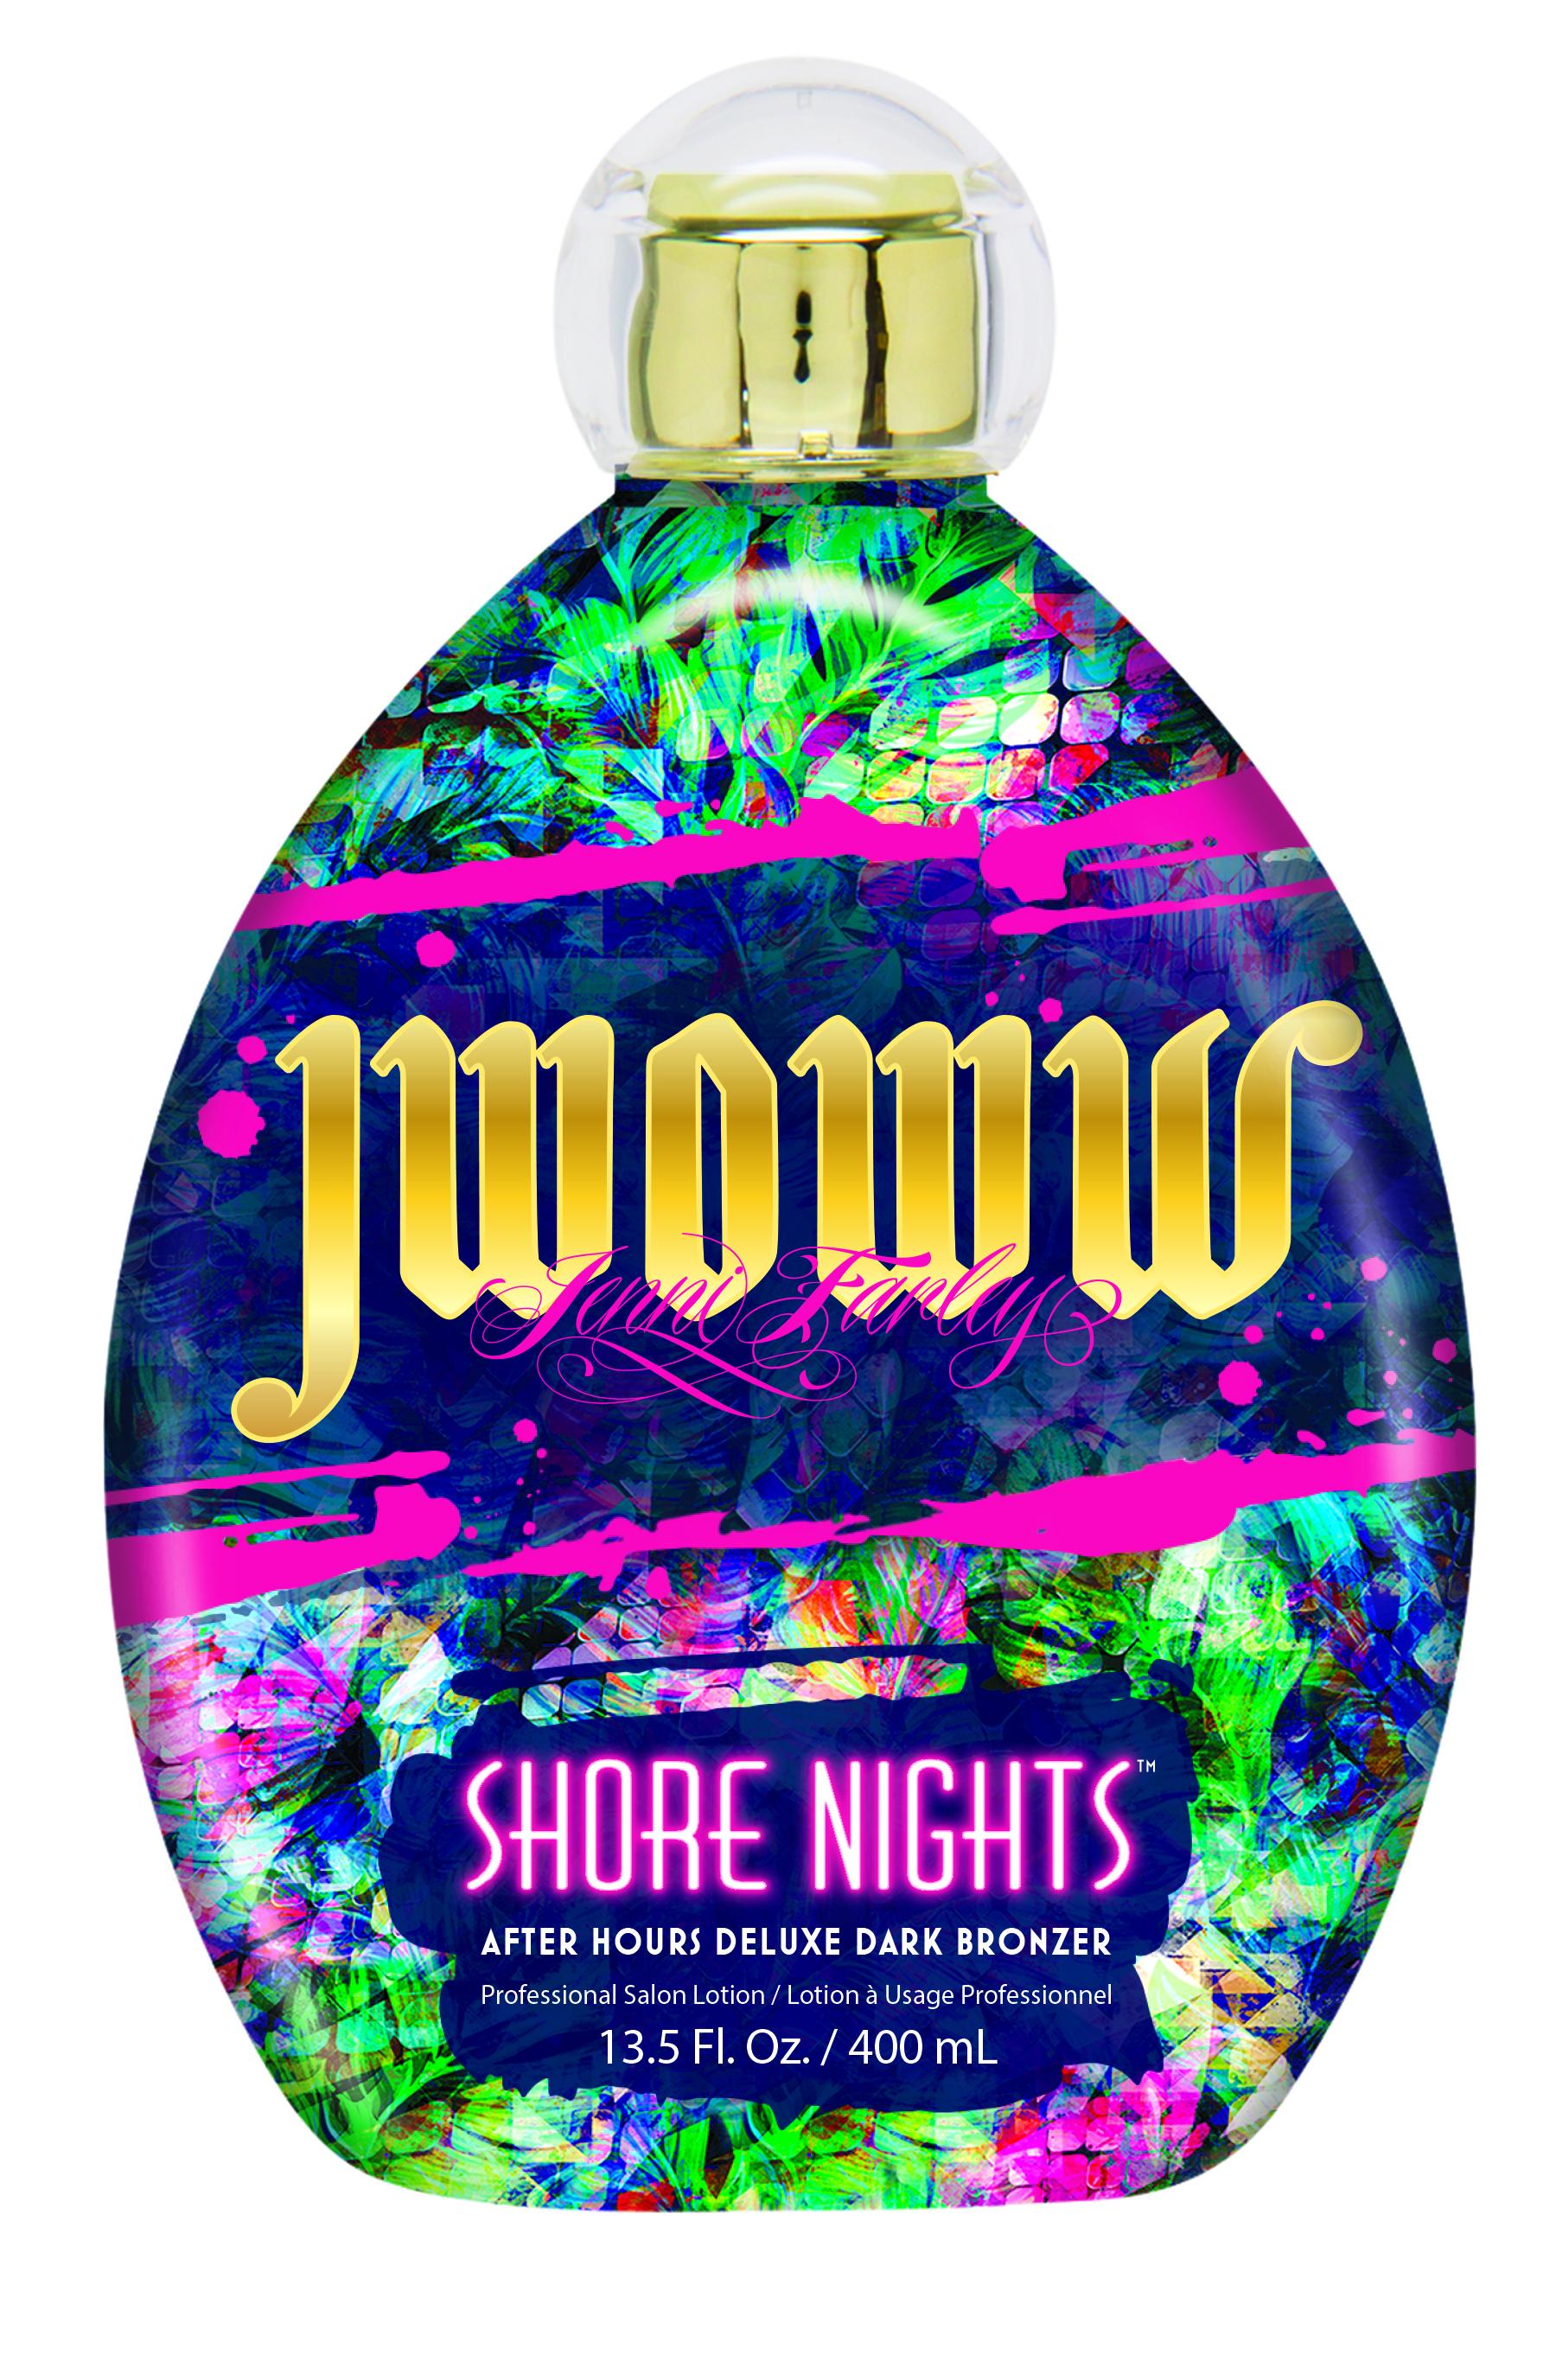 JWoww Shore Nights After Hours Deluxe Dark Bronzer